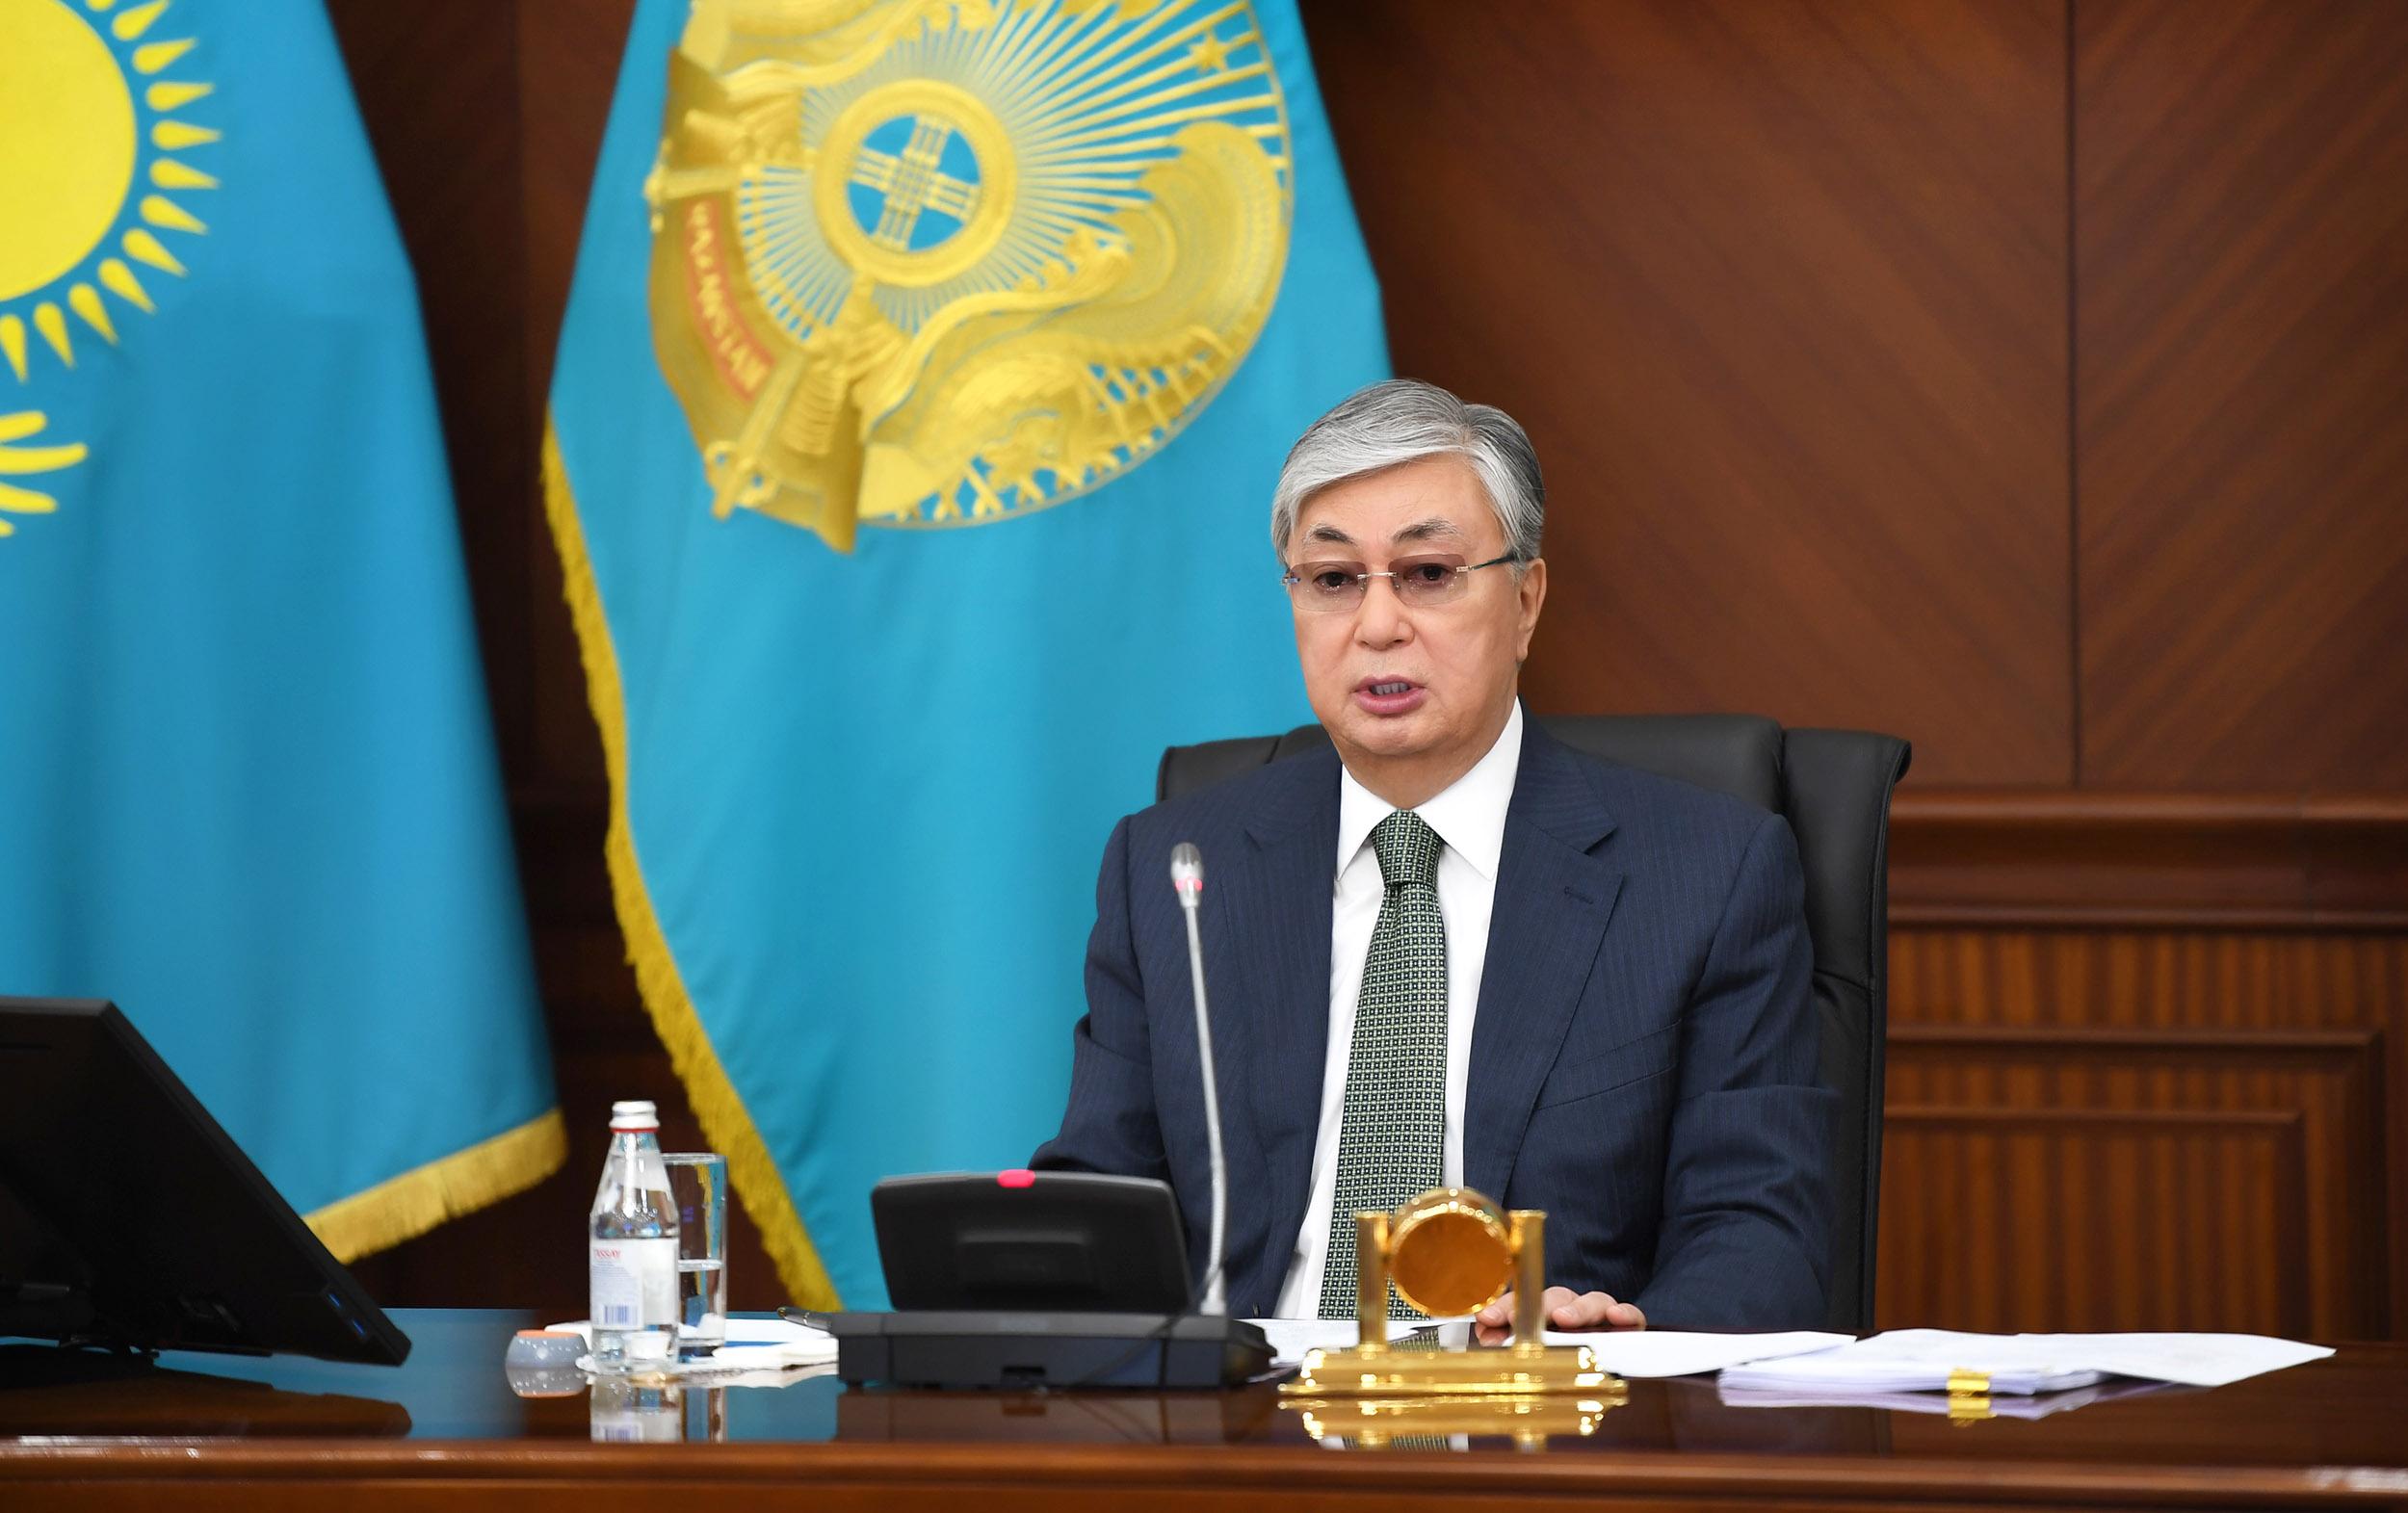 Тоқаев Назарбаевпен көзқарас қайшылығының жоқ екенін айтты